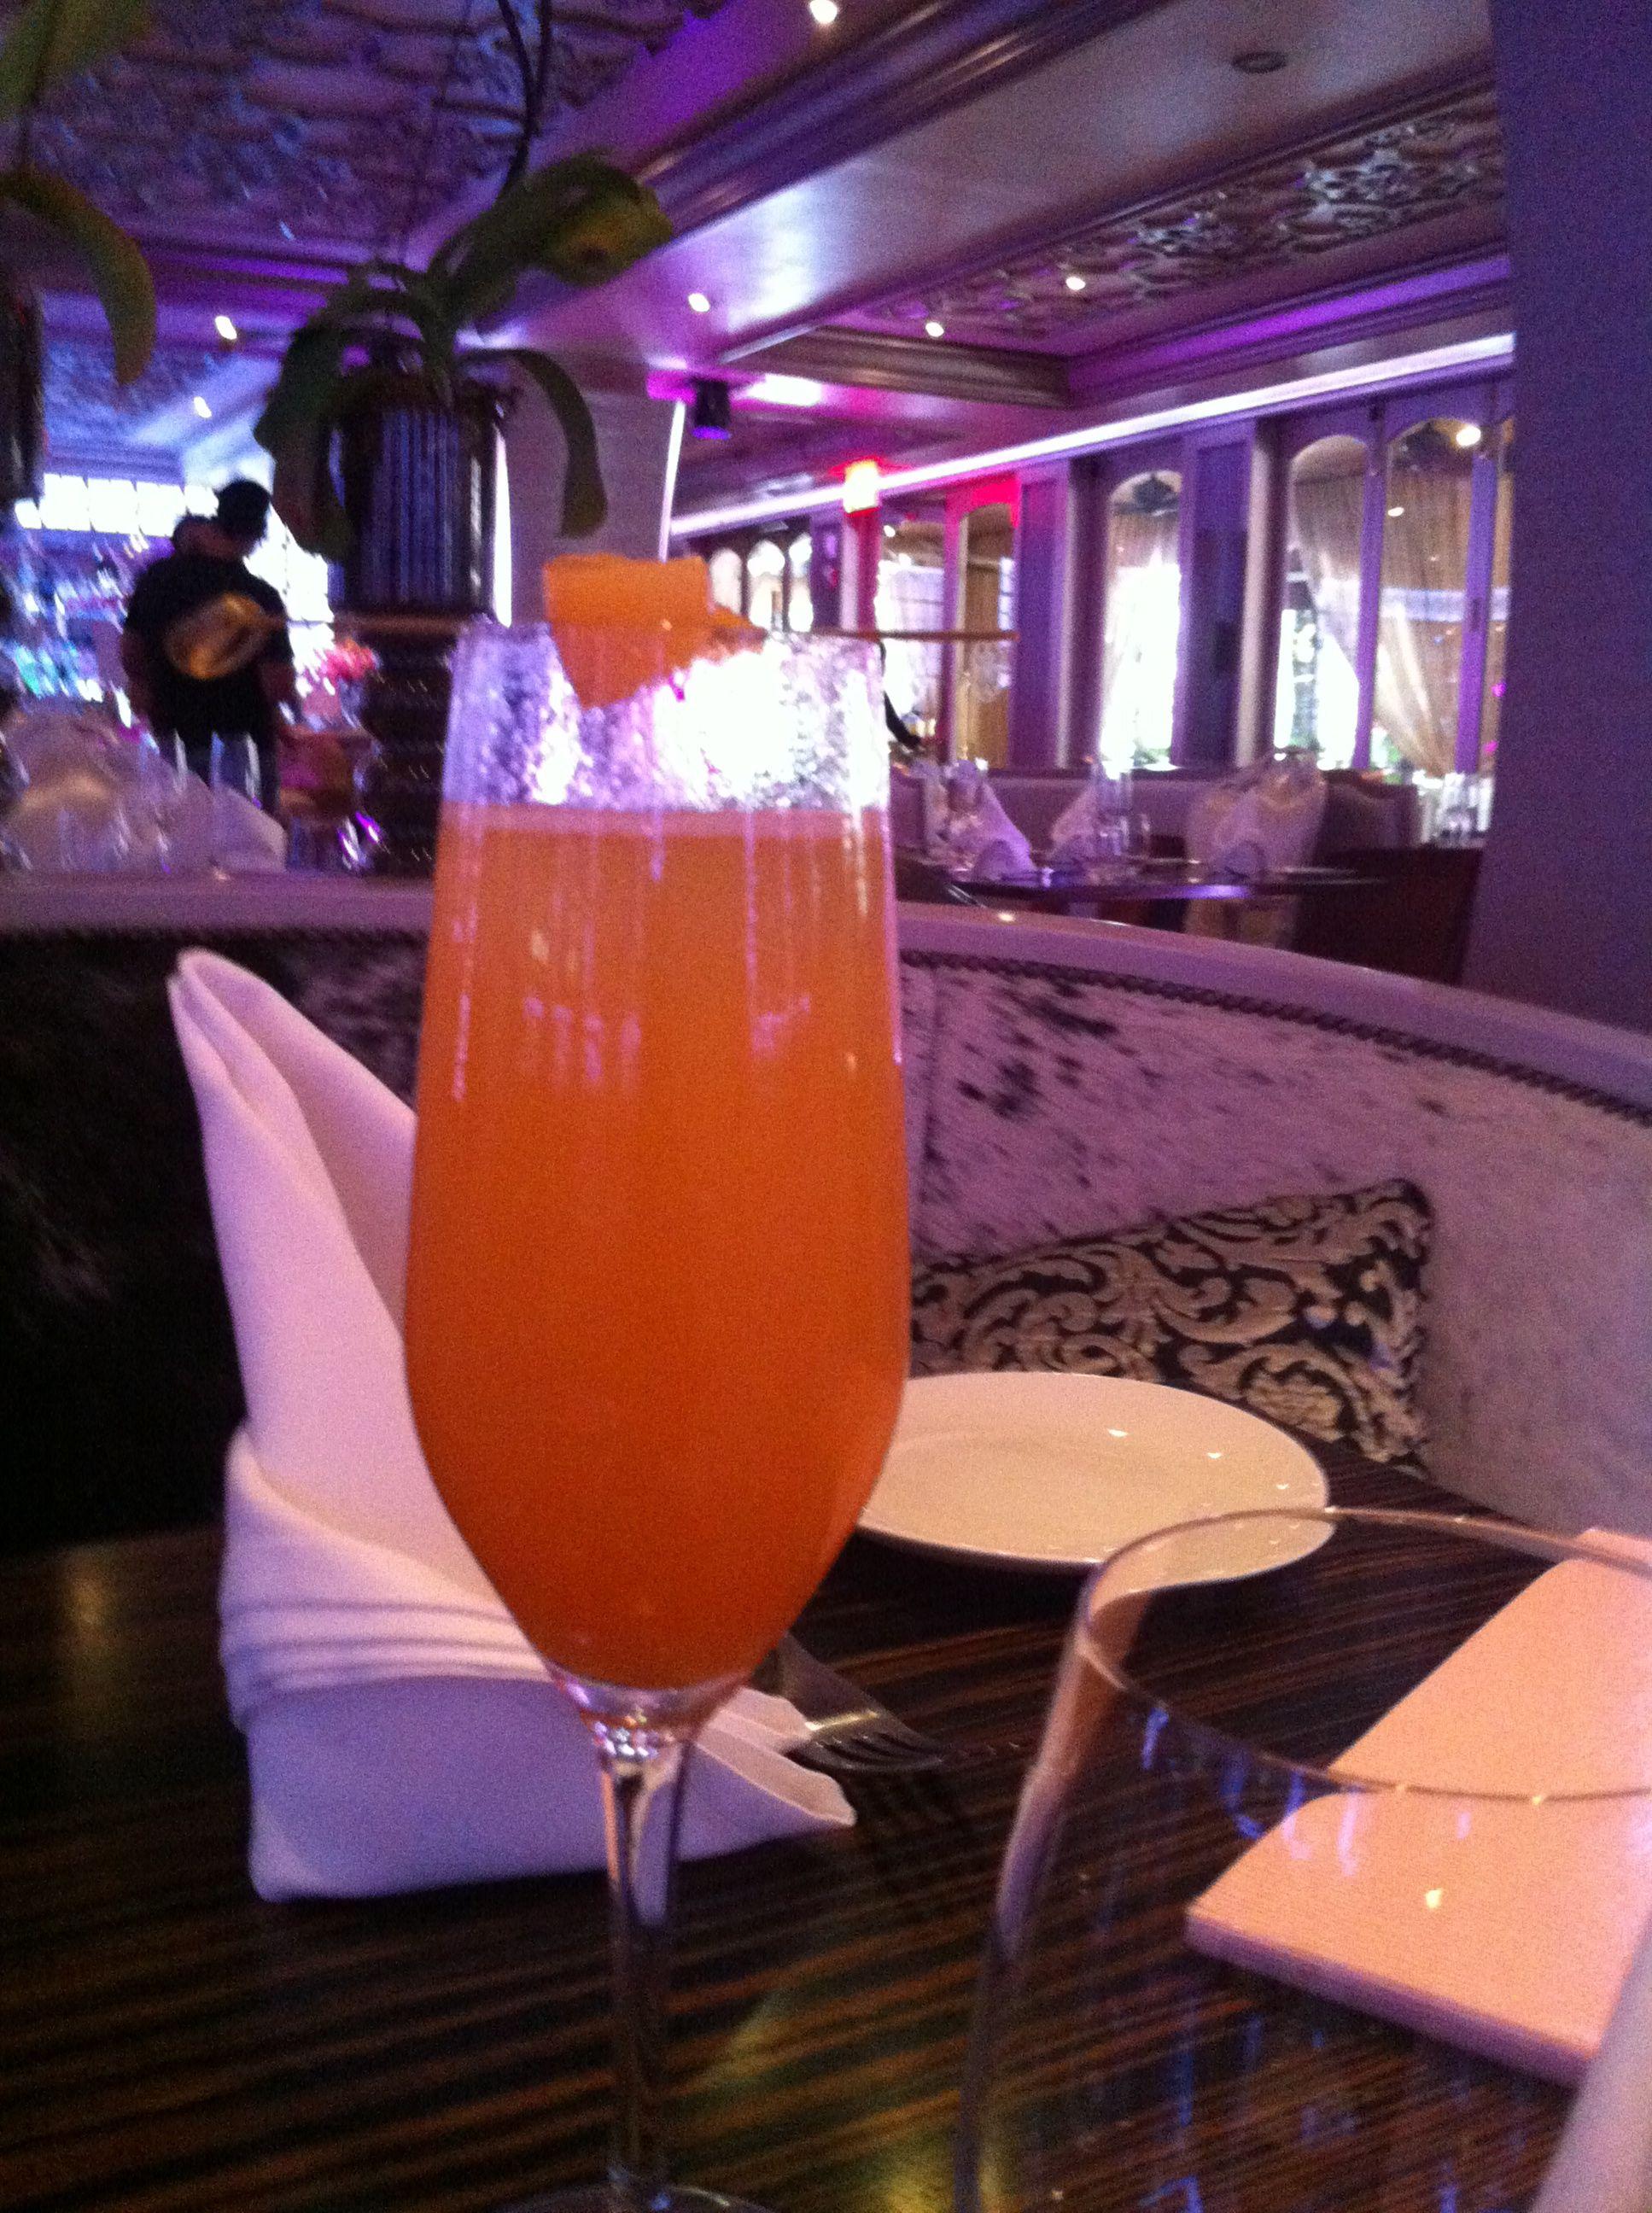 Villa Mayfair Brunch Miami Restaurant Coconut Grove Miami Restaurants Brunch Miami Coconut Grove